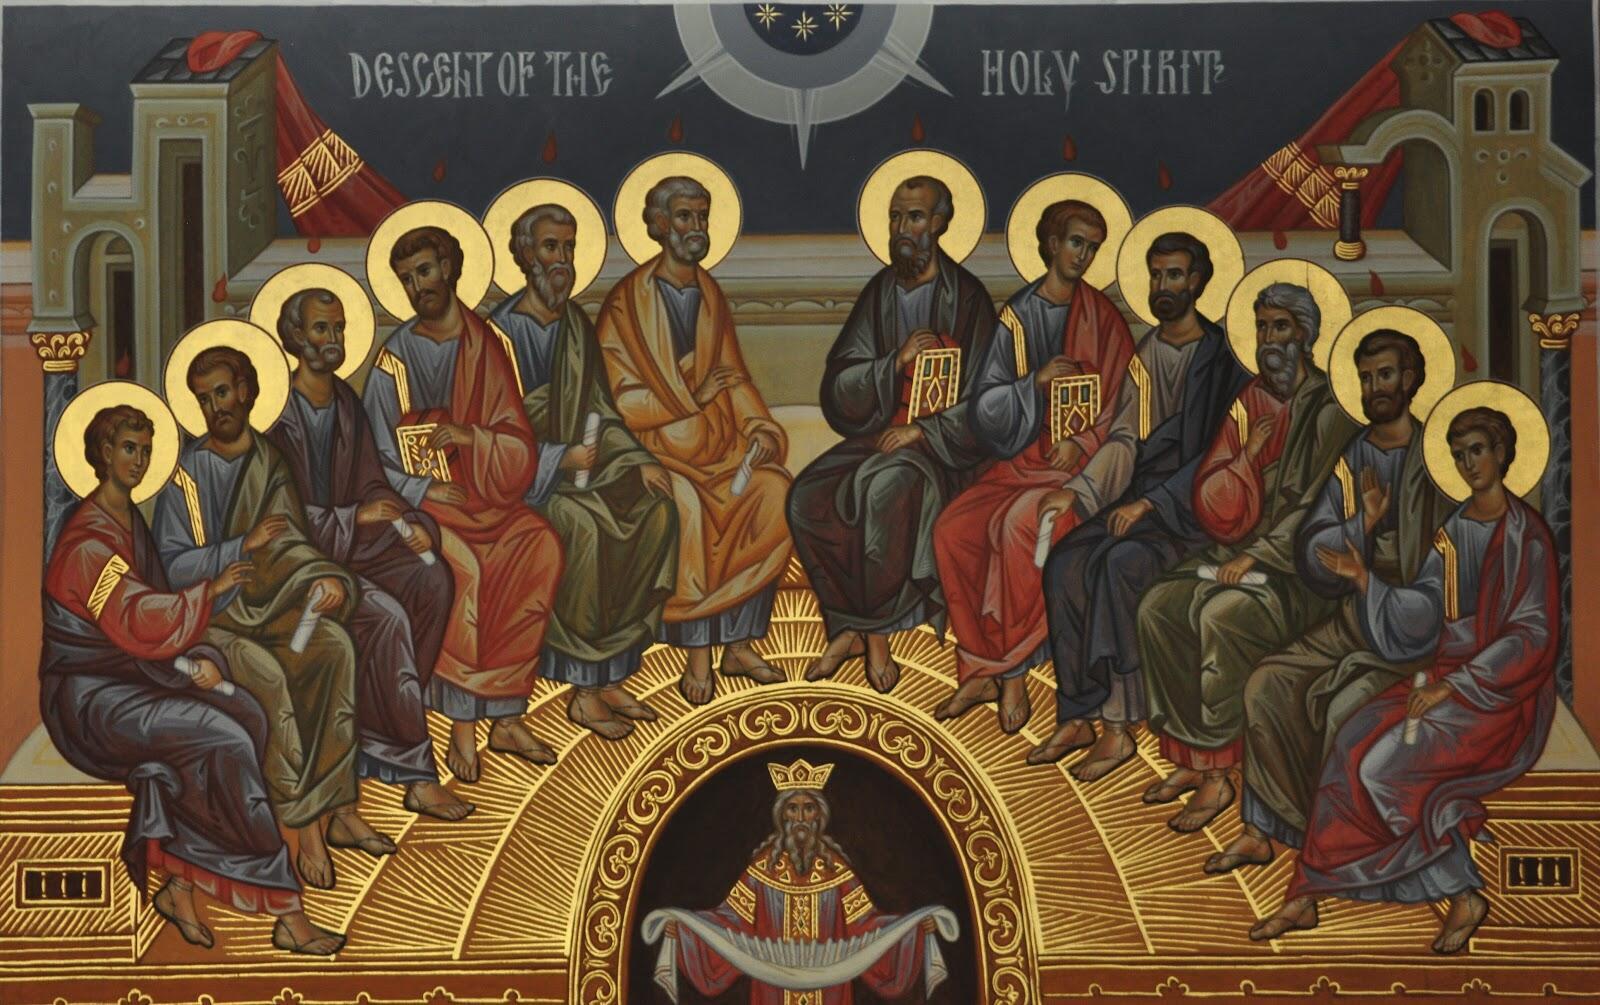 Πεντηκοστή-16 Ιουνίου: Τι γιορτάζει η Εκκλησία μας - ΕΚΚΛΗΣΙΑ ONLINE